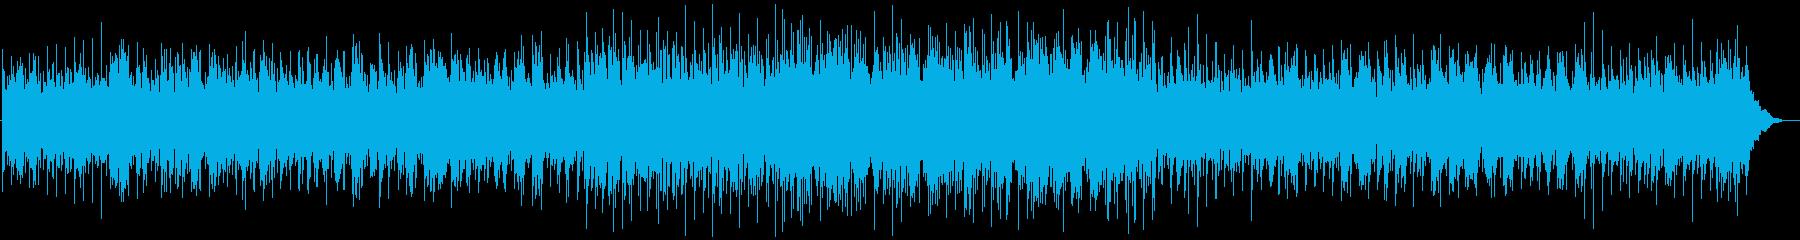 ほのぼのバンジョーのフォーク調BGMの再生済みの波形